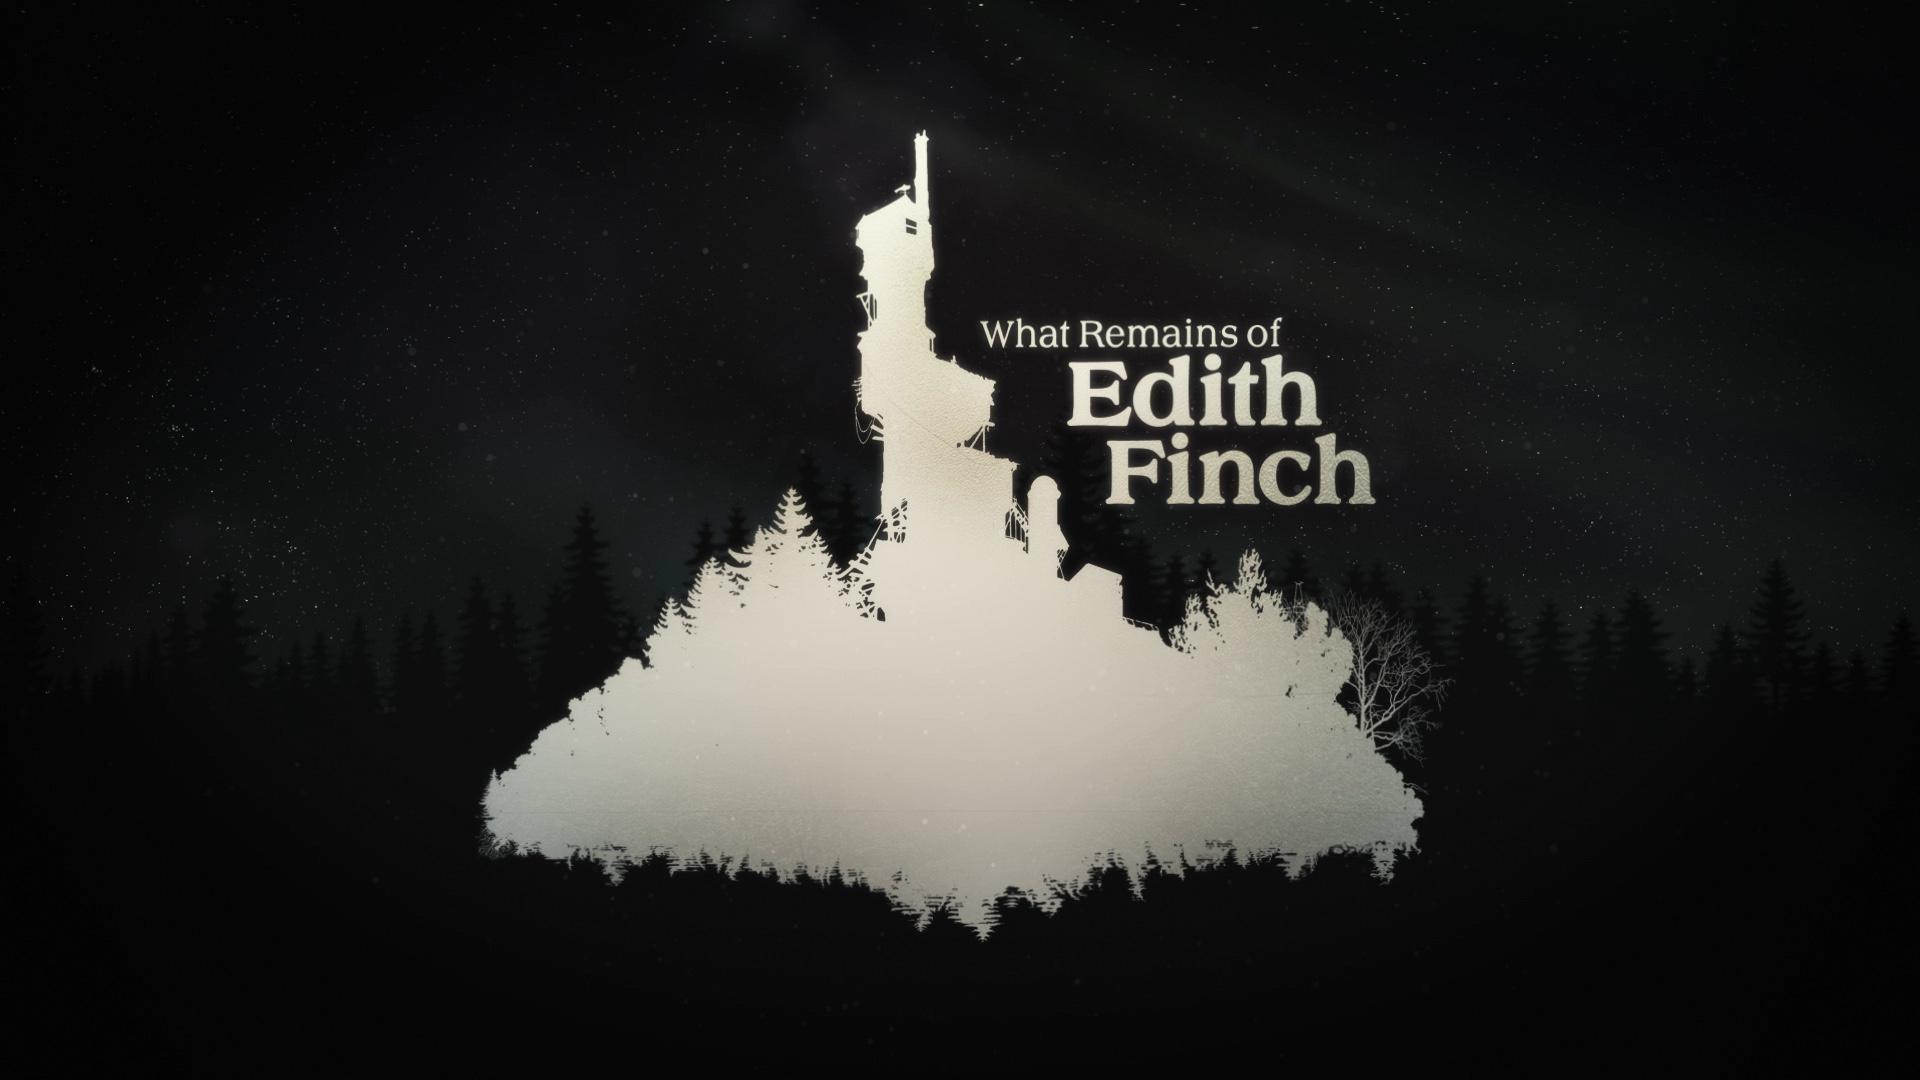 Edith_Finch_3_v037 (01750).jpg